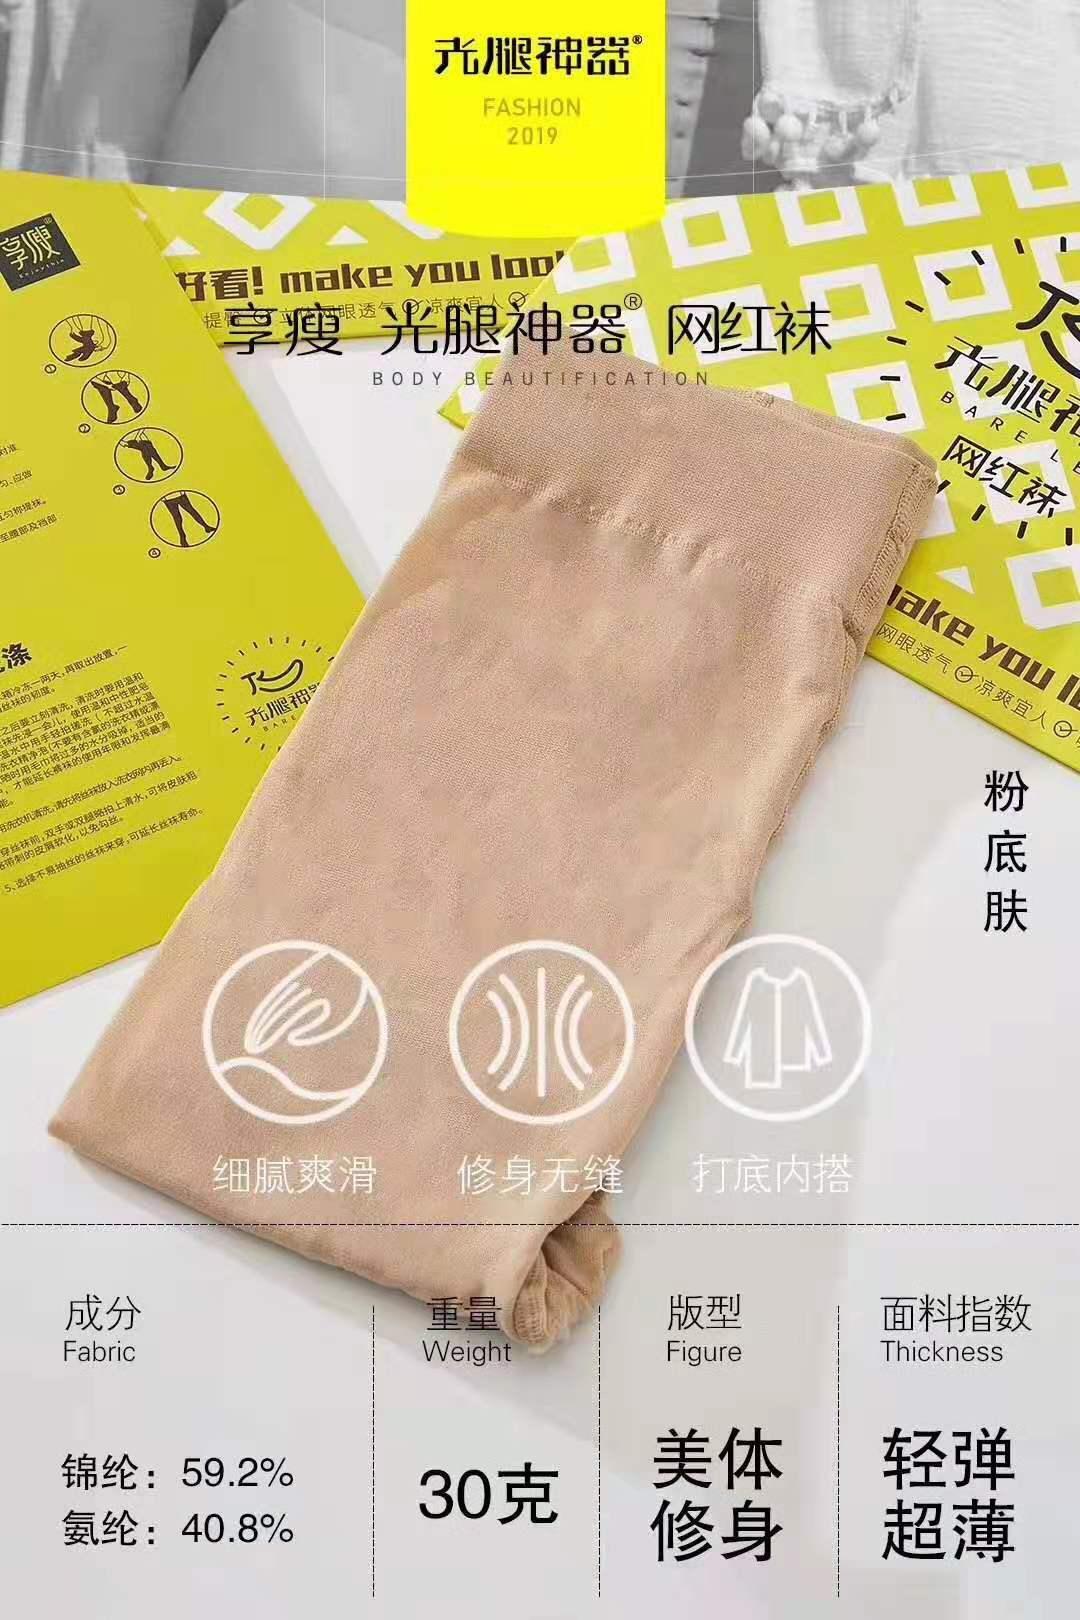 享瘦光腿神器网红袜【正品】一手货源直销批发,一件代发